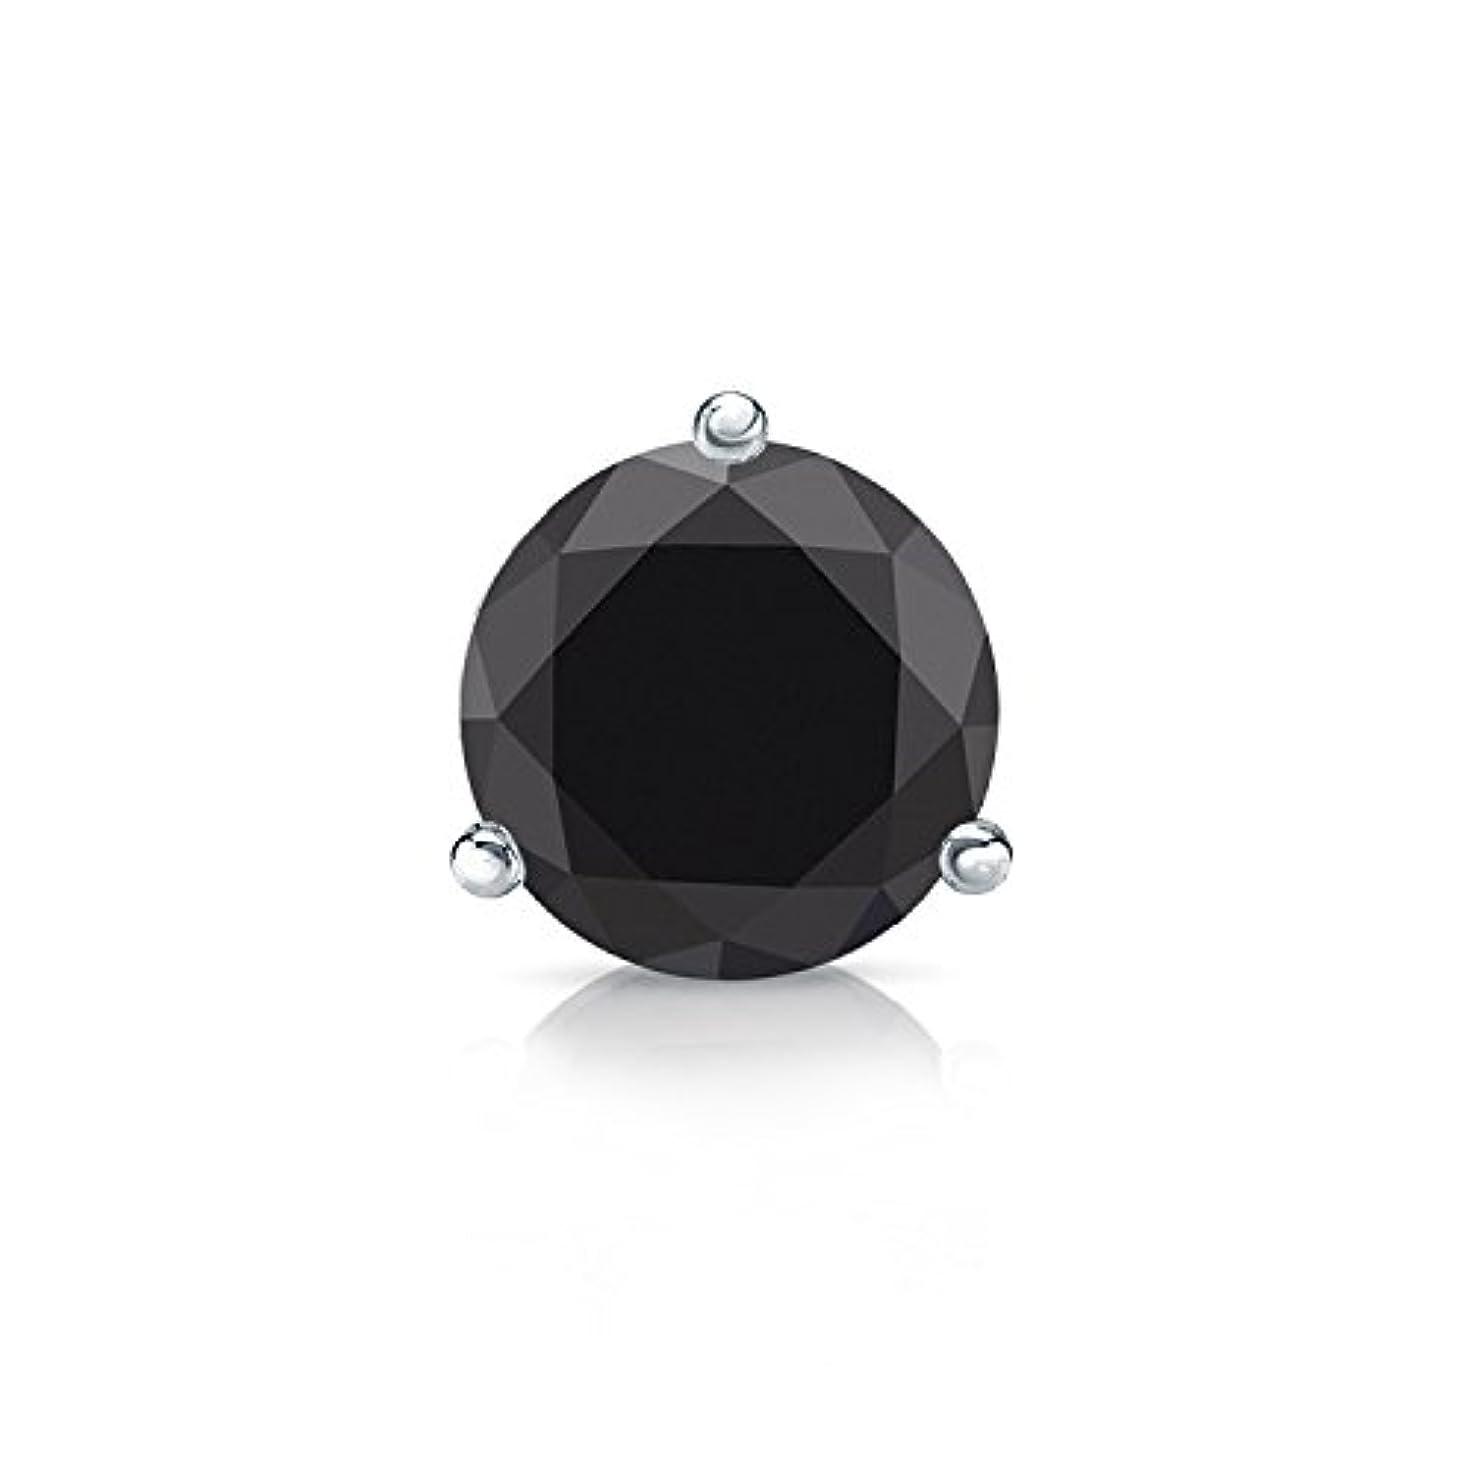 貸し手離婚者14 Kゴールド3-prong Martiniラウンドブラックダイヤモンドメンズシングルスタッドイヤリング( 1 / 4 – 2 ct、ブラック) SLB